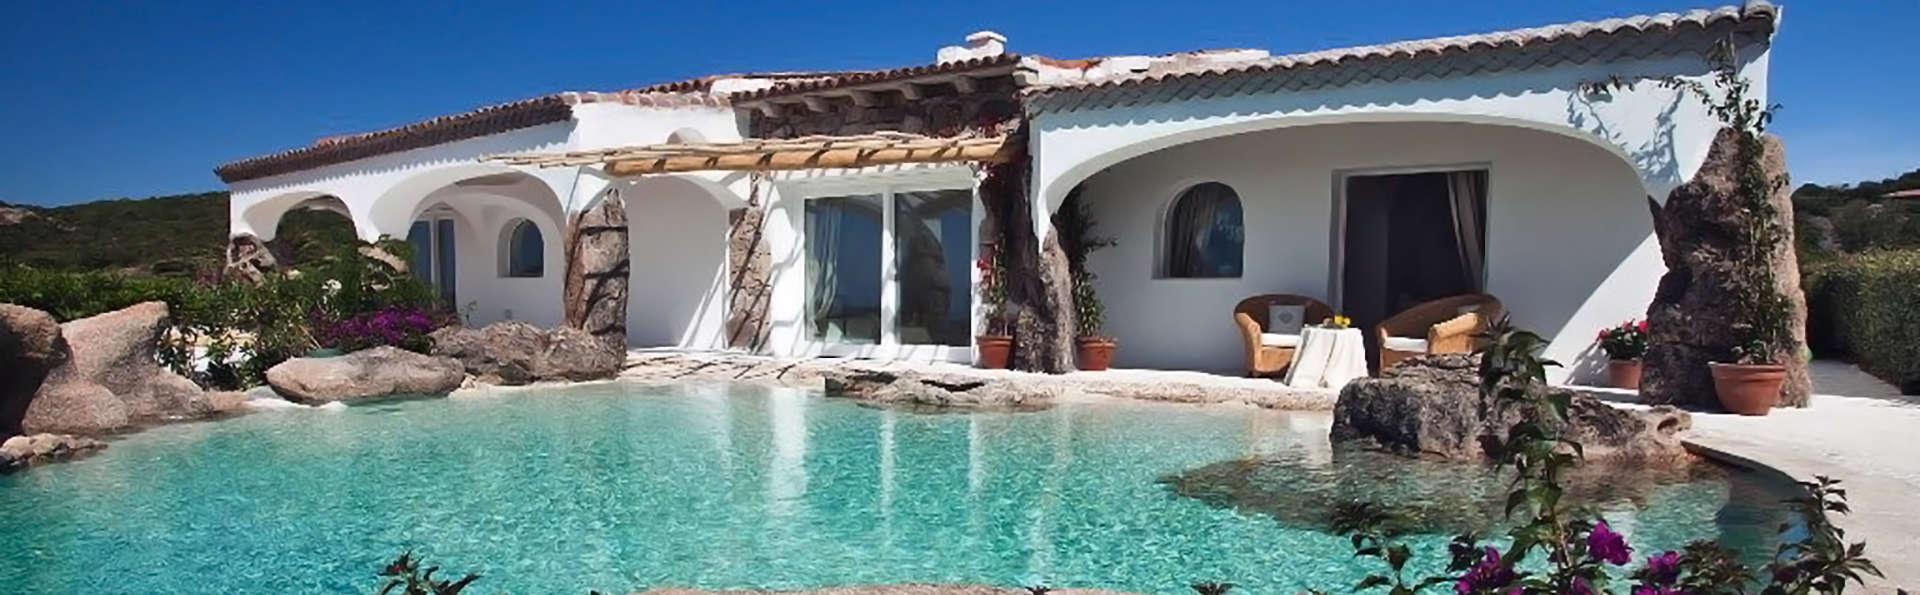 Tradition et charme en demi-pension sur la Costa Smeralda (à partir de 3 nuits)